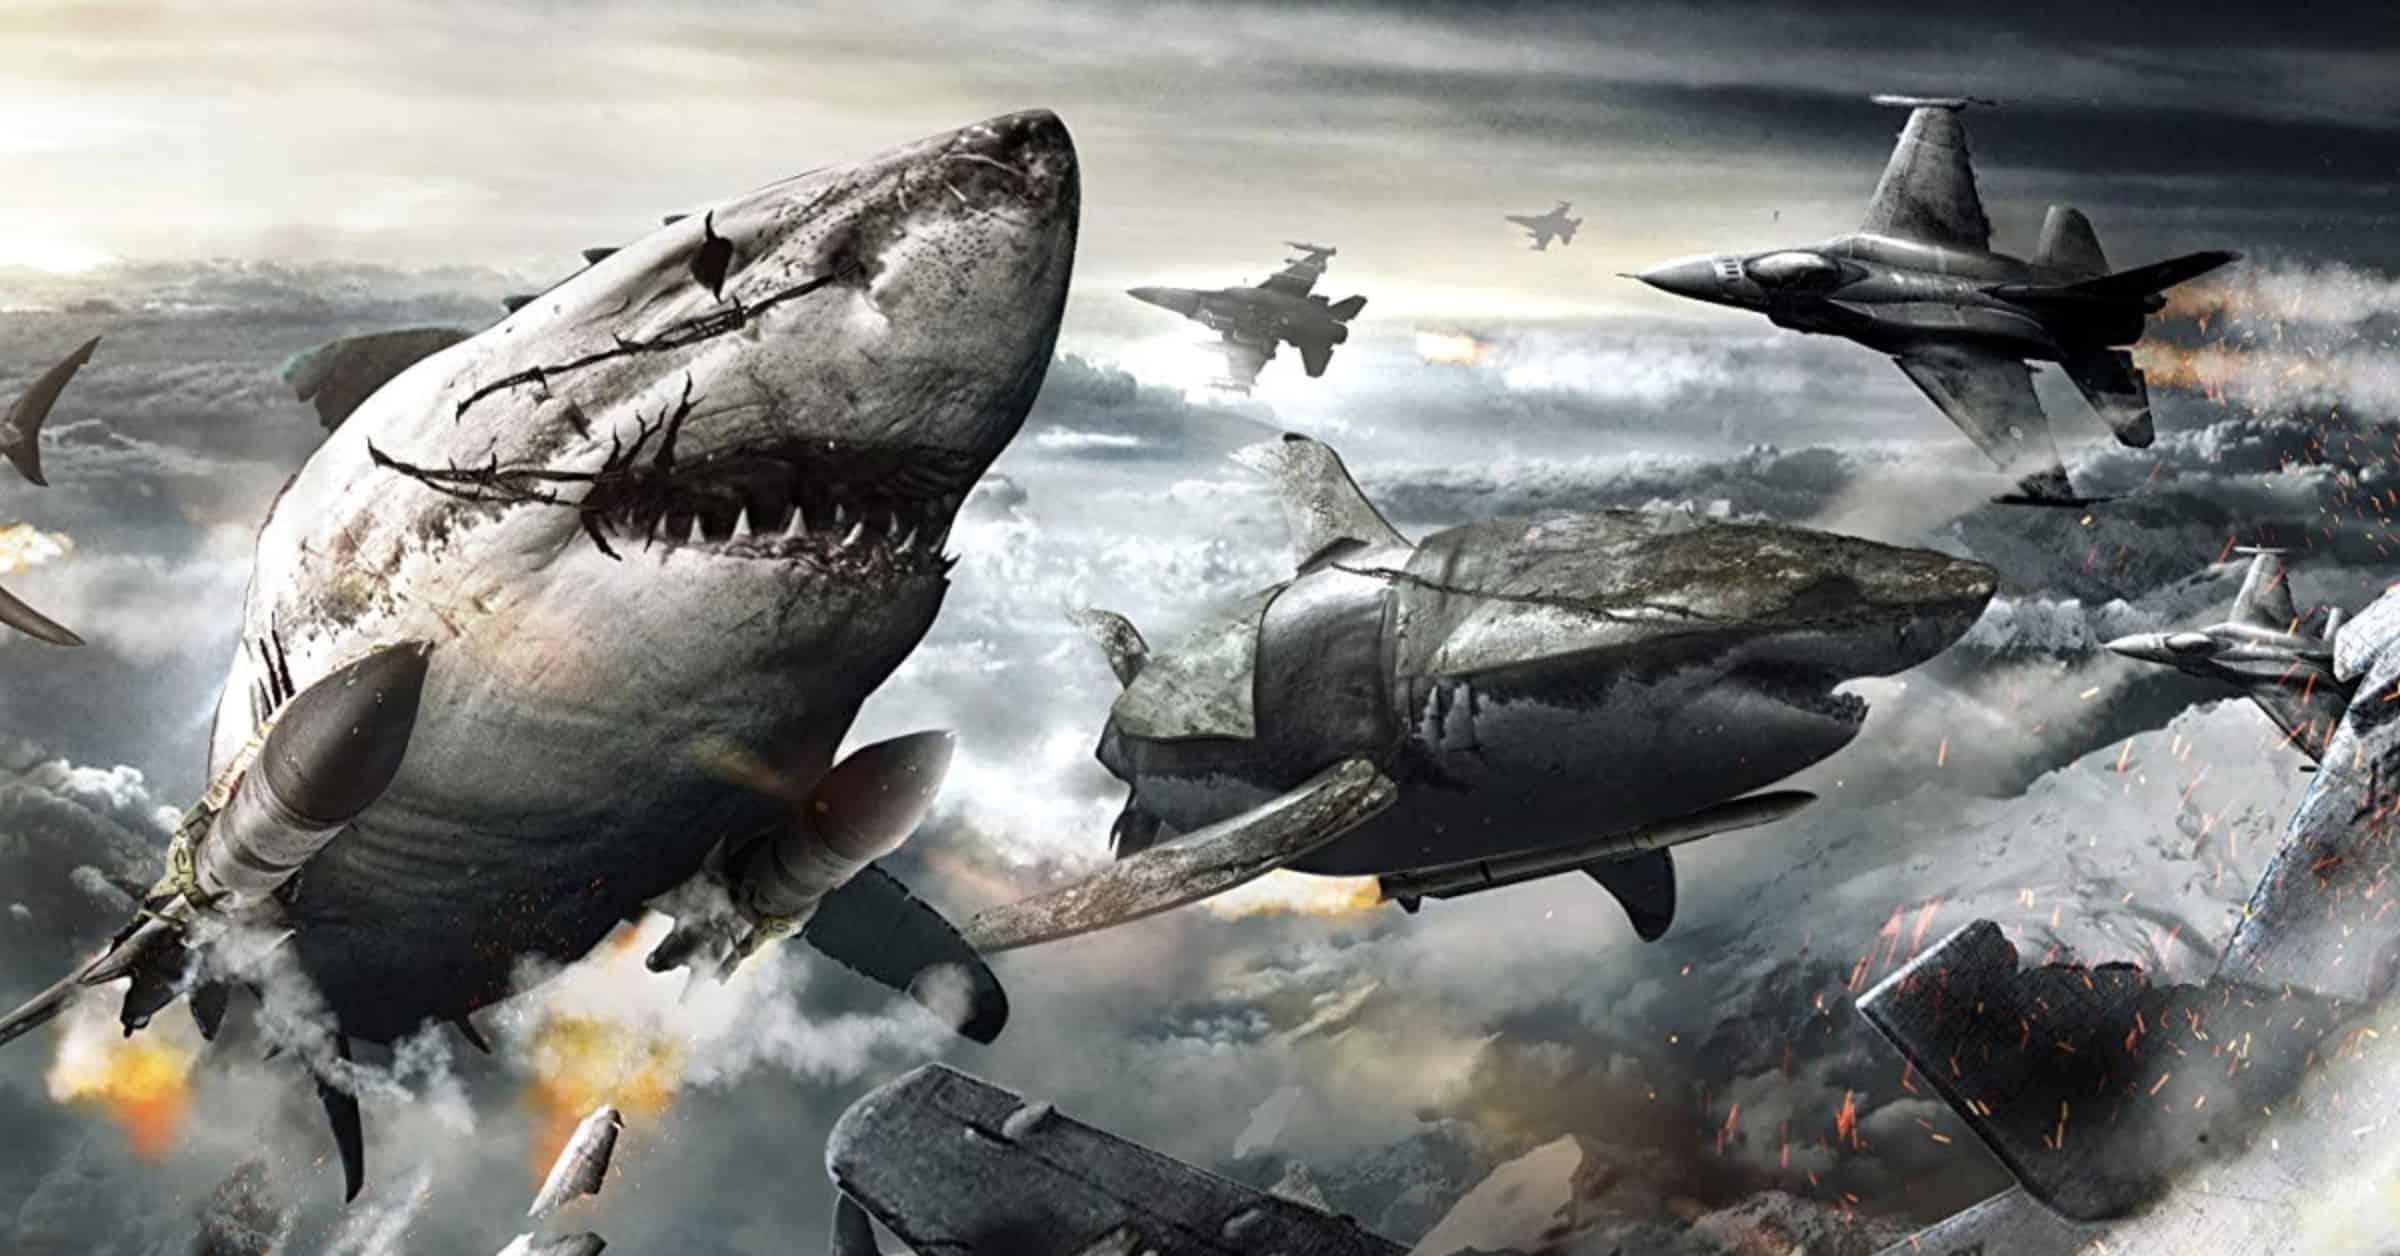 Sky Sharks, ovvero squali, zombi e nazisti: sarebbe la tempesta perfetta, però... La recensione di Massimo Zammataro per Sugarpulp MAGAZINE.